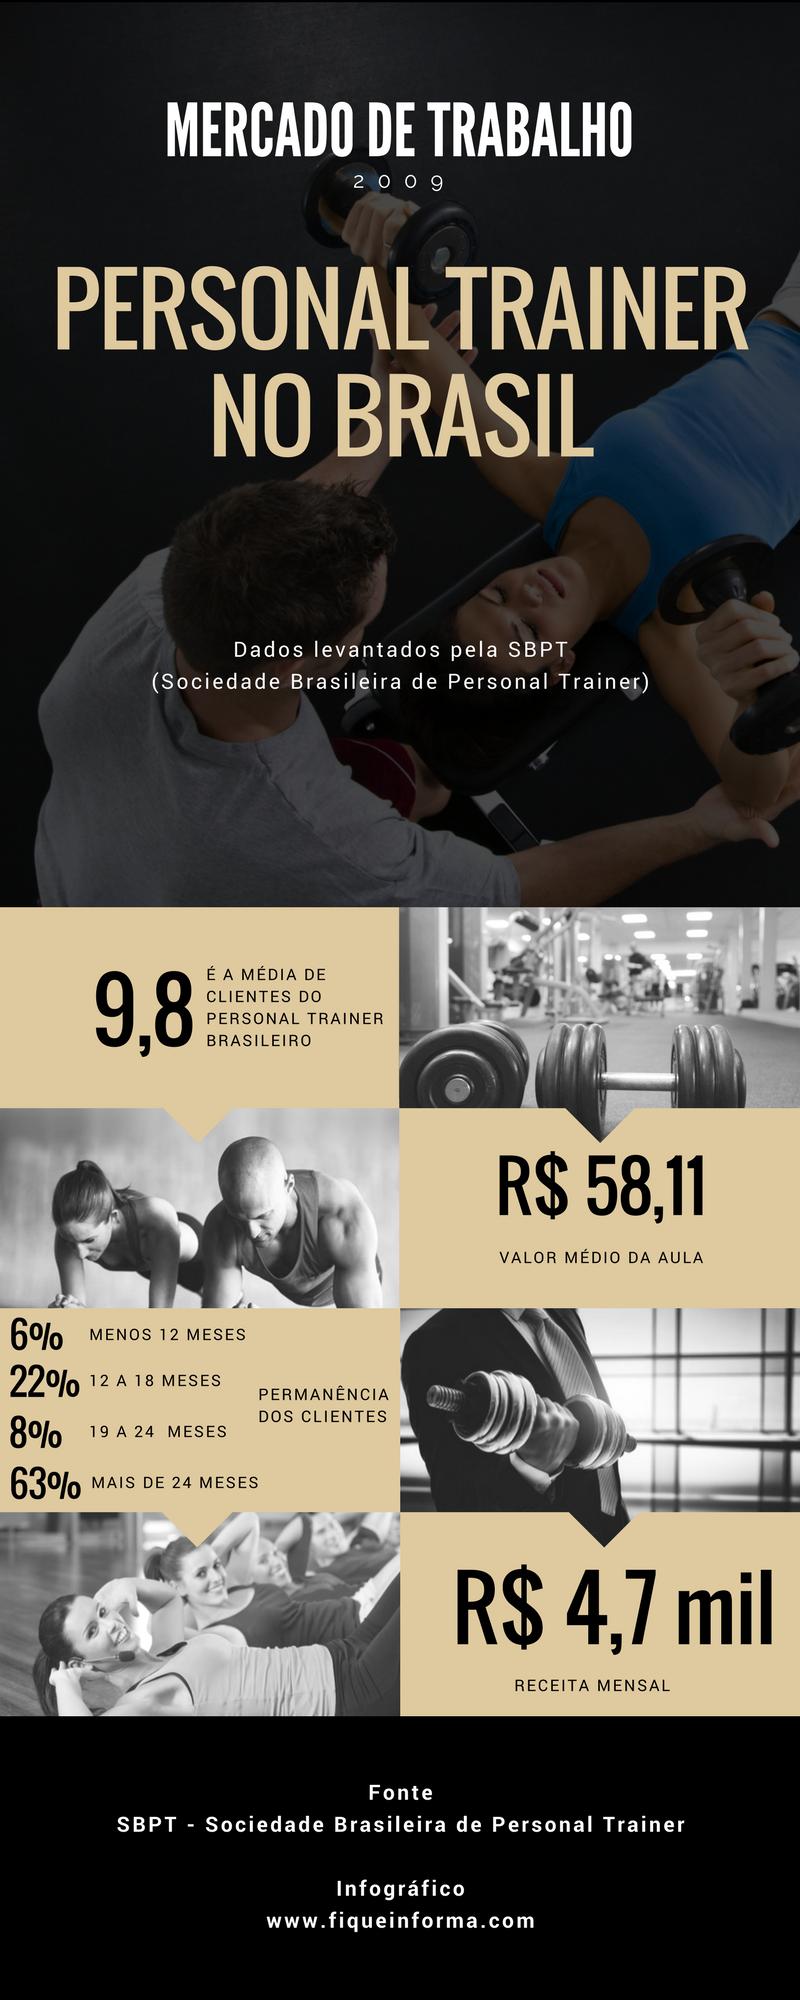 Mercado de Trabalho para o Personal Trainer